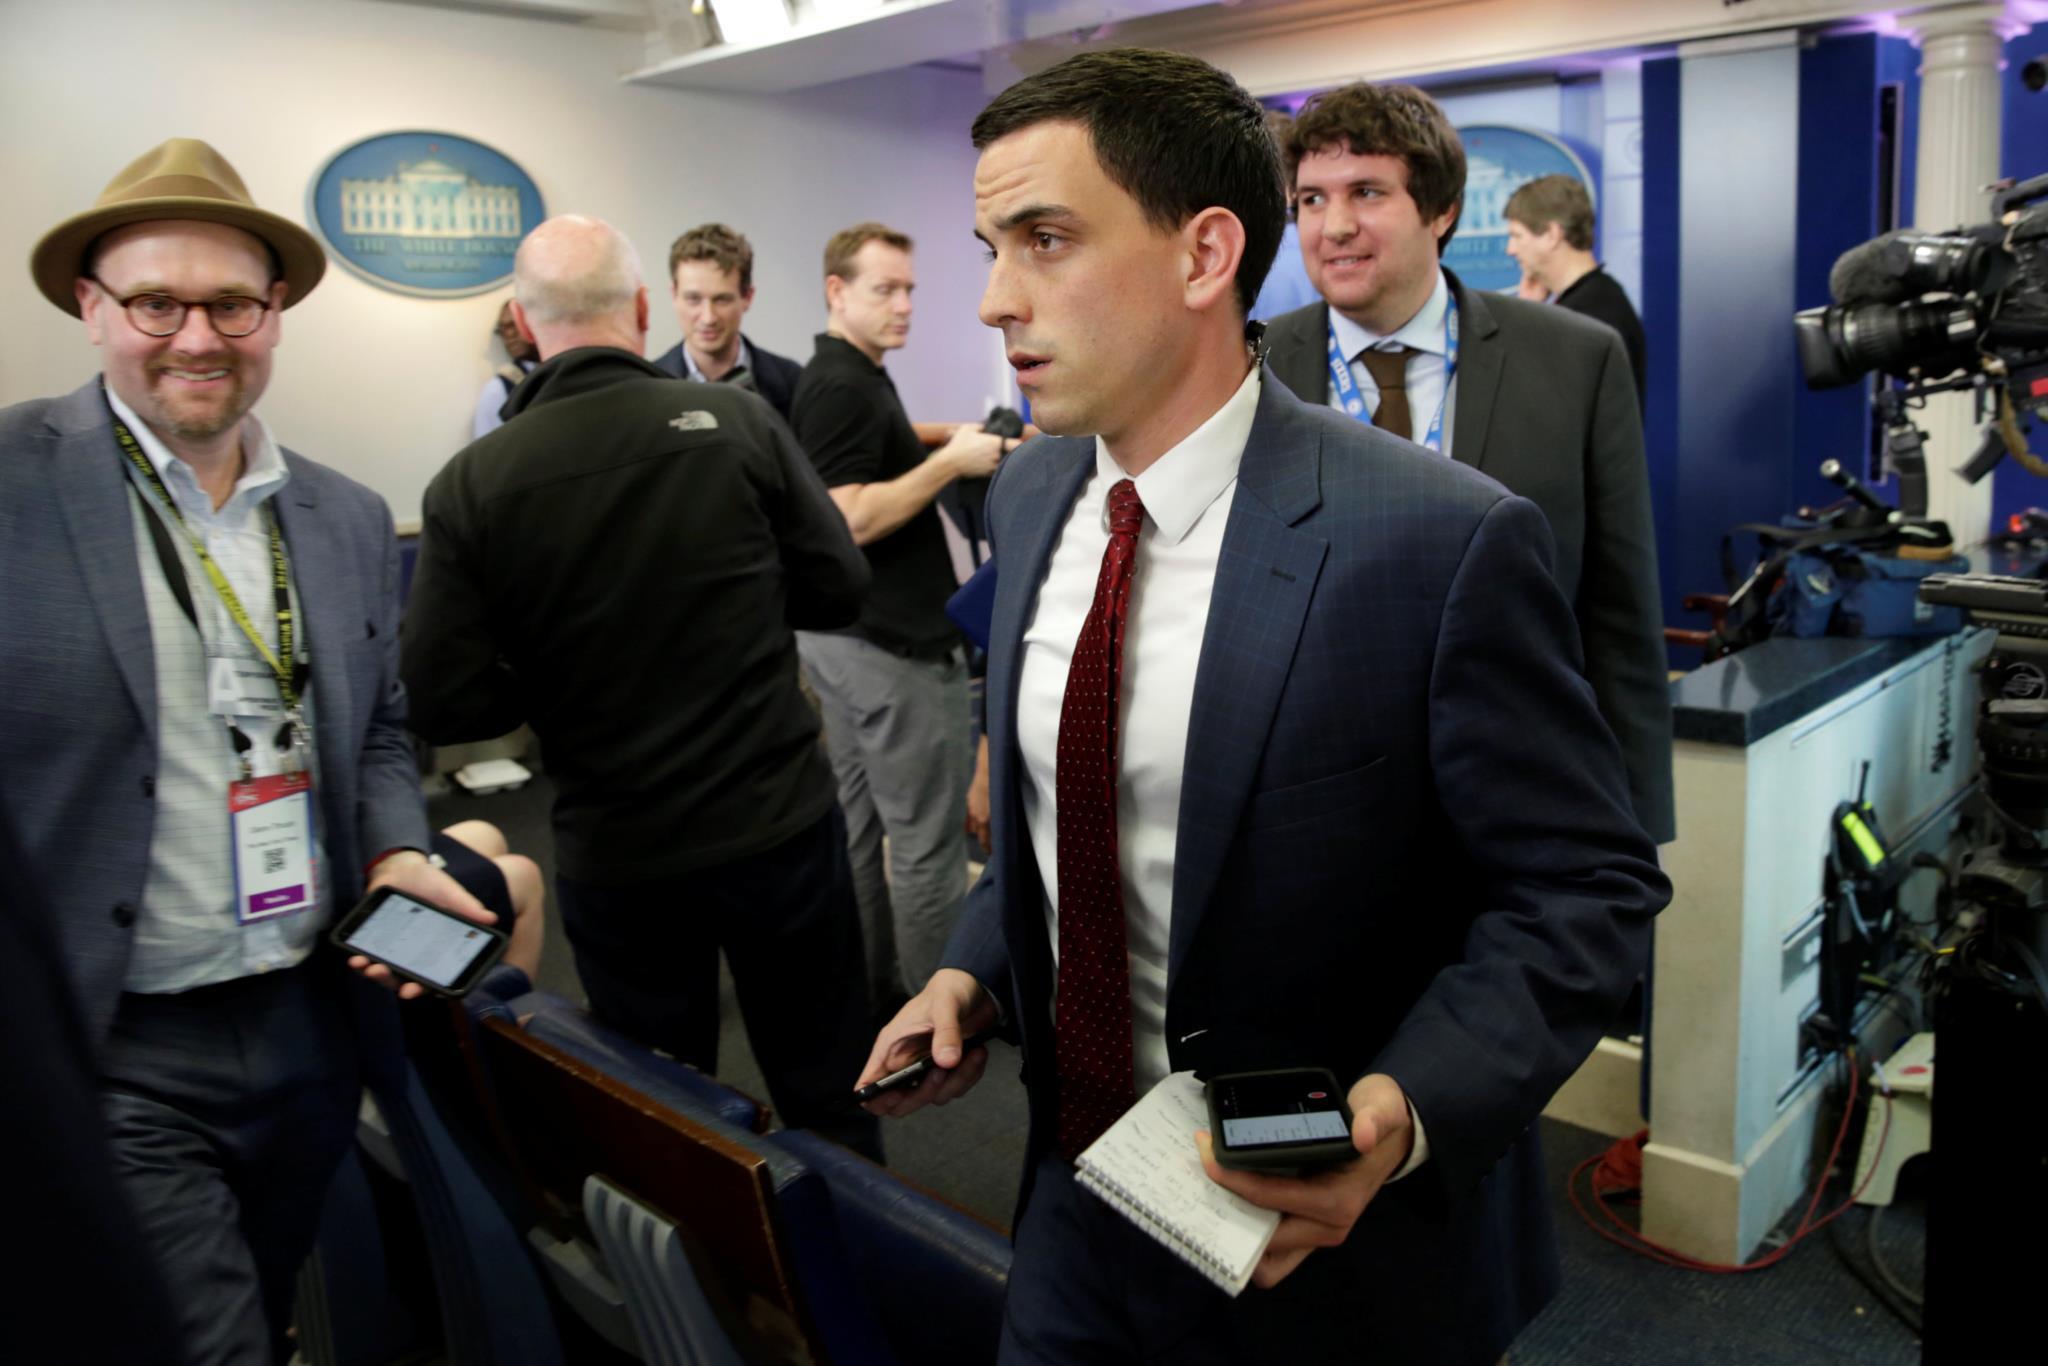 PÚBLICO - Jornalistas de pelo menos oito órgãos impedidos de entrar na Casa Branca